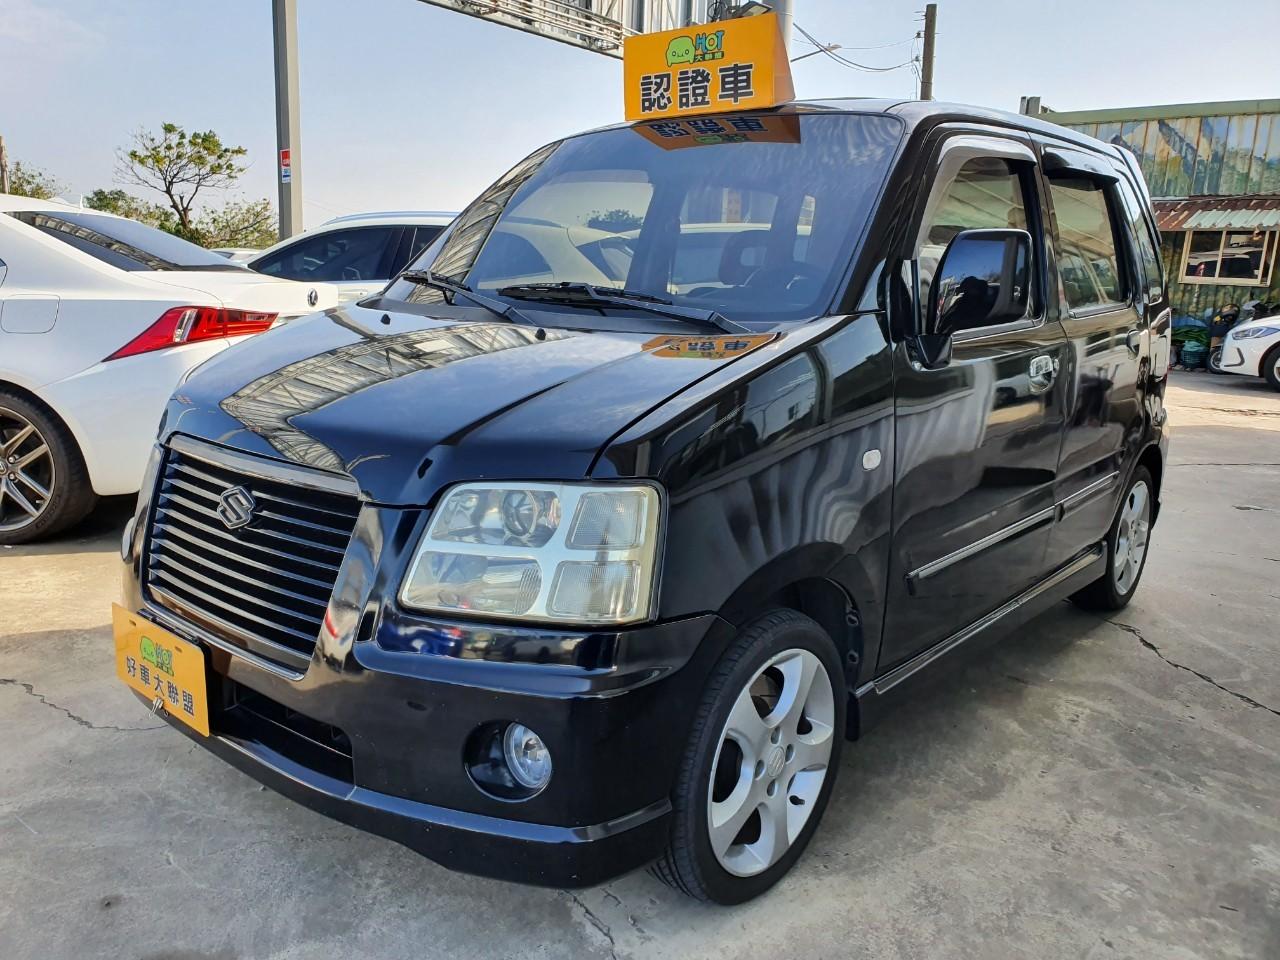 2005 Suzuki 鈴木 Solio